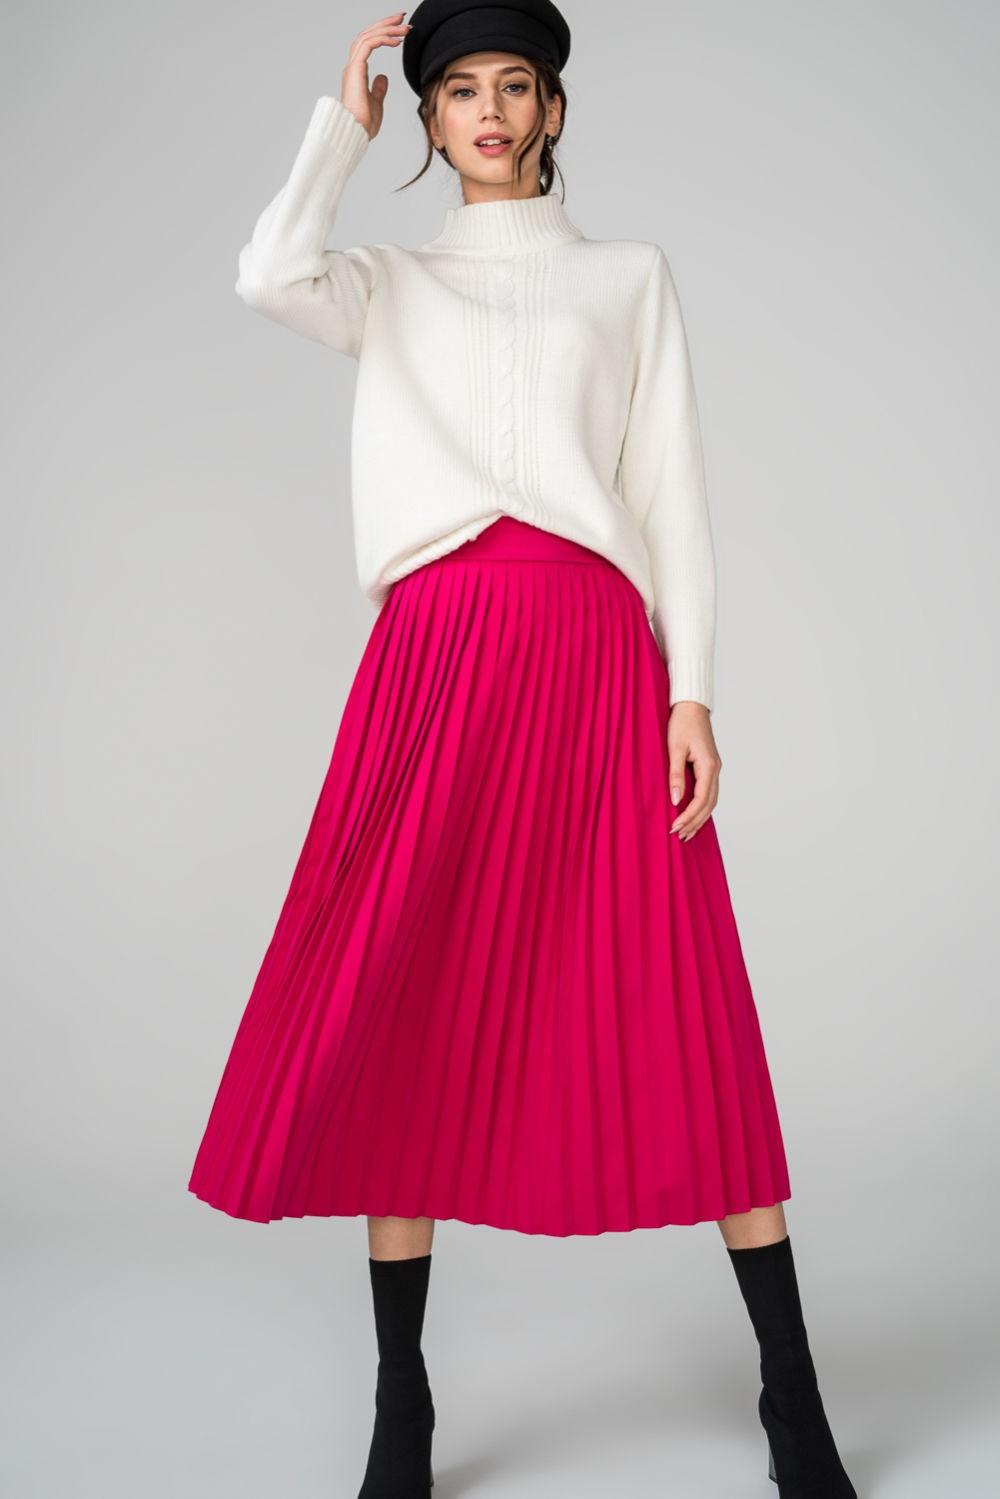 с чем носить плиссированную юбку 2018-2019: розовая миди теплая